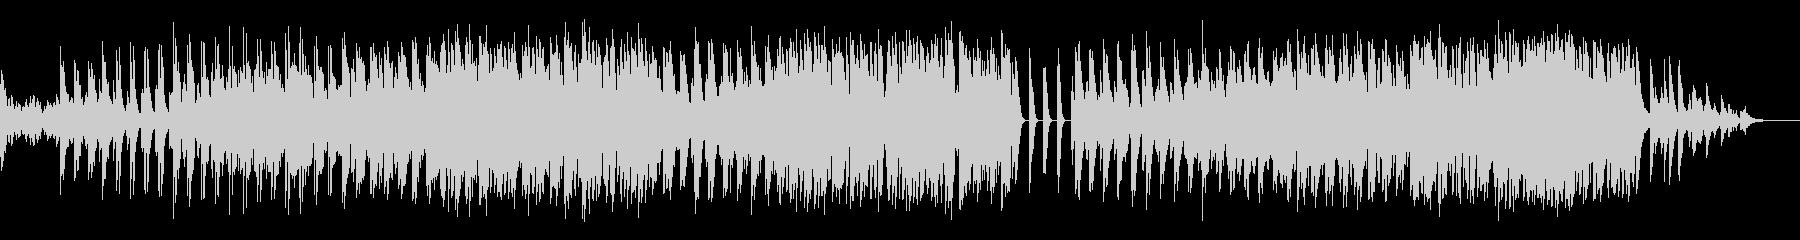 ピアノ 歌ものピアノ伴奏の未再生の波形